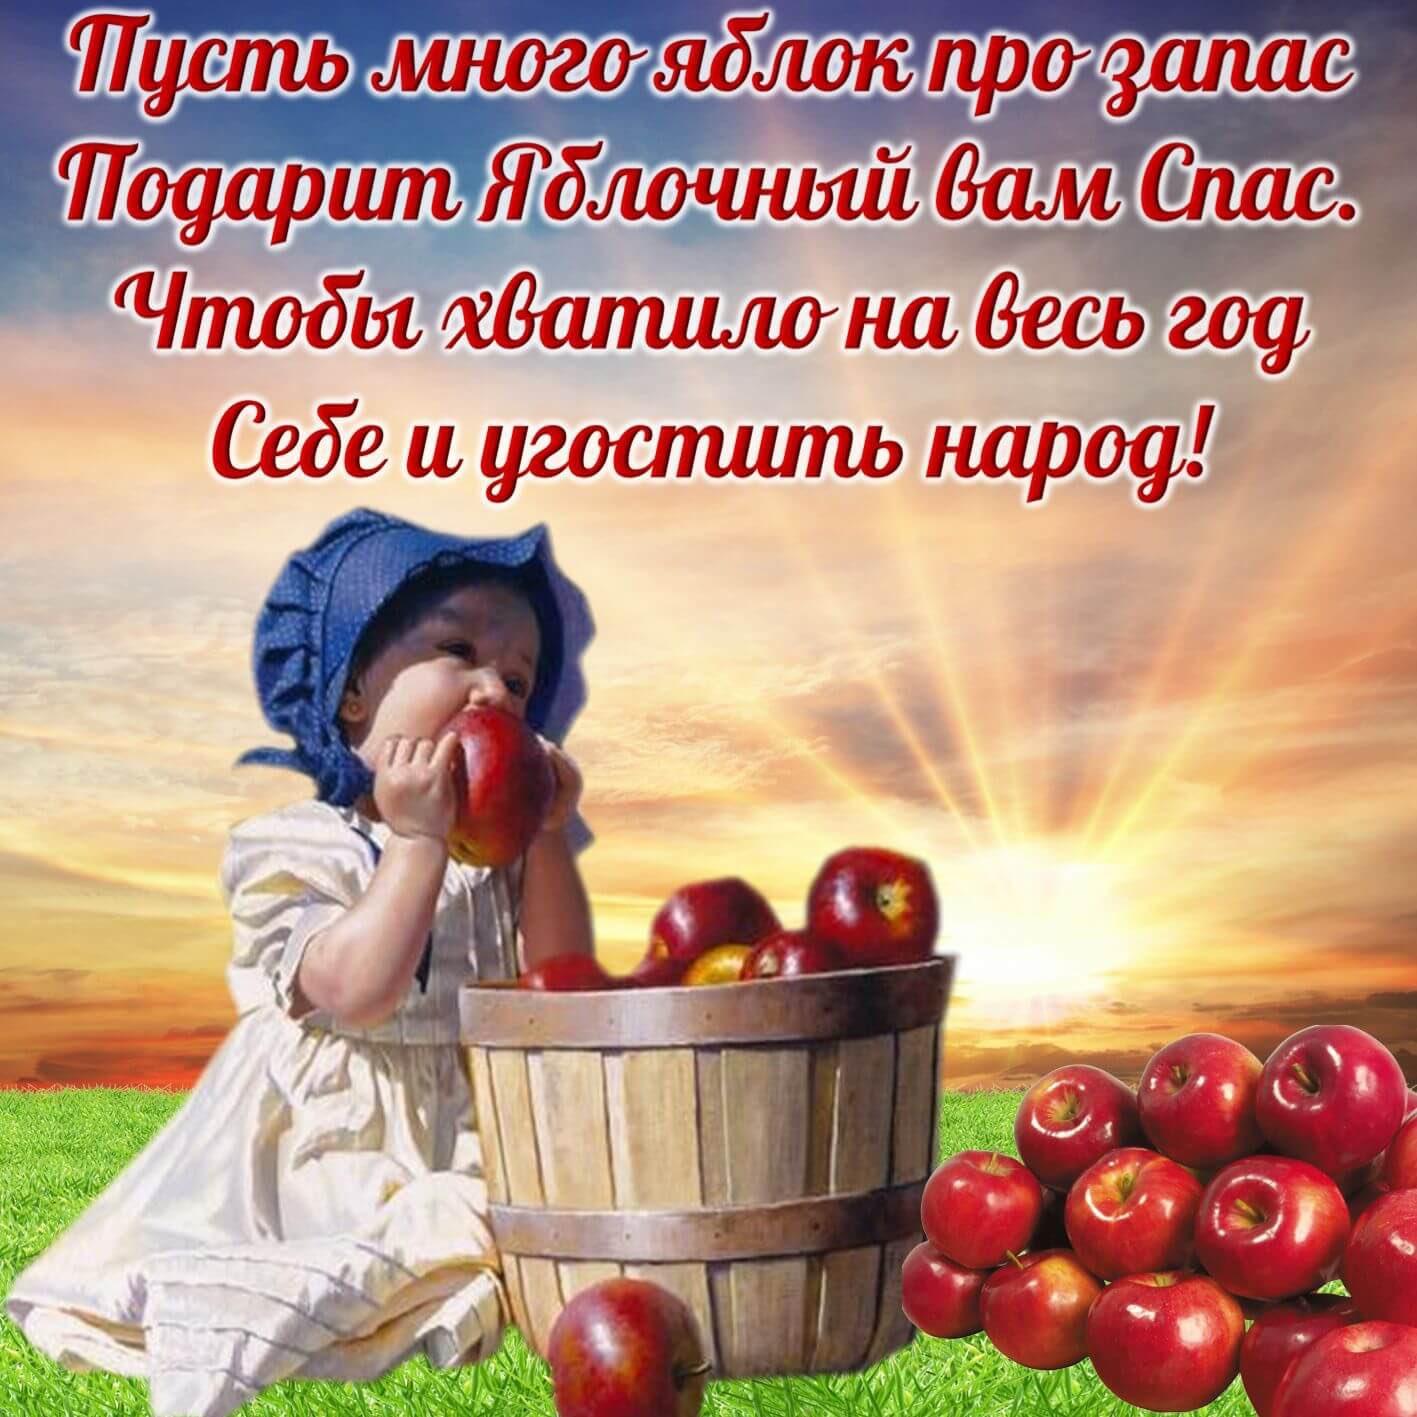 Фото с яблочным спасом поздравление